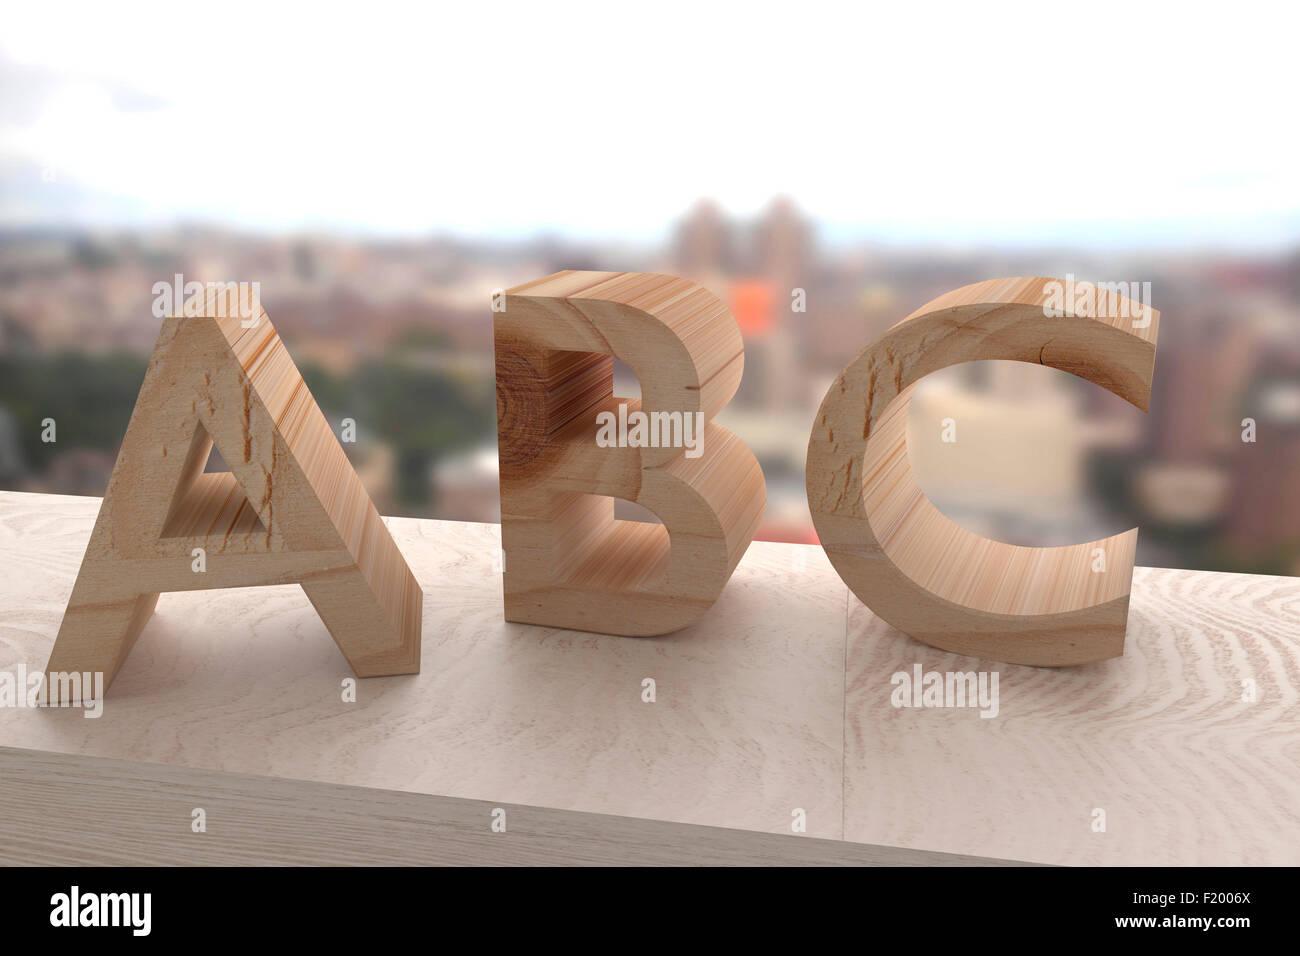 Le rendu 3D d'une des lettres abc en bois Photo Stock